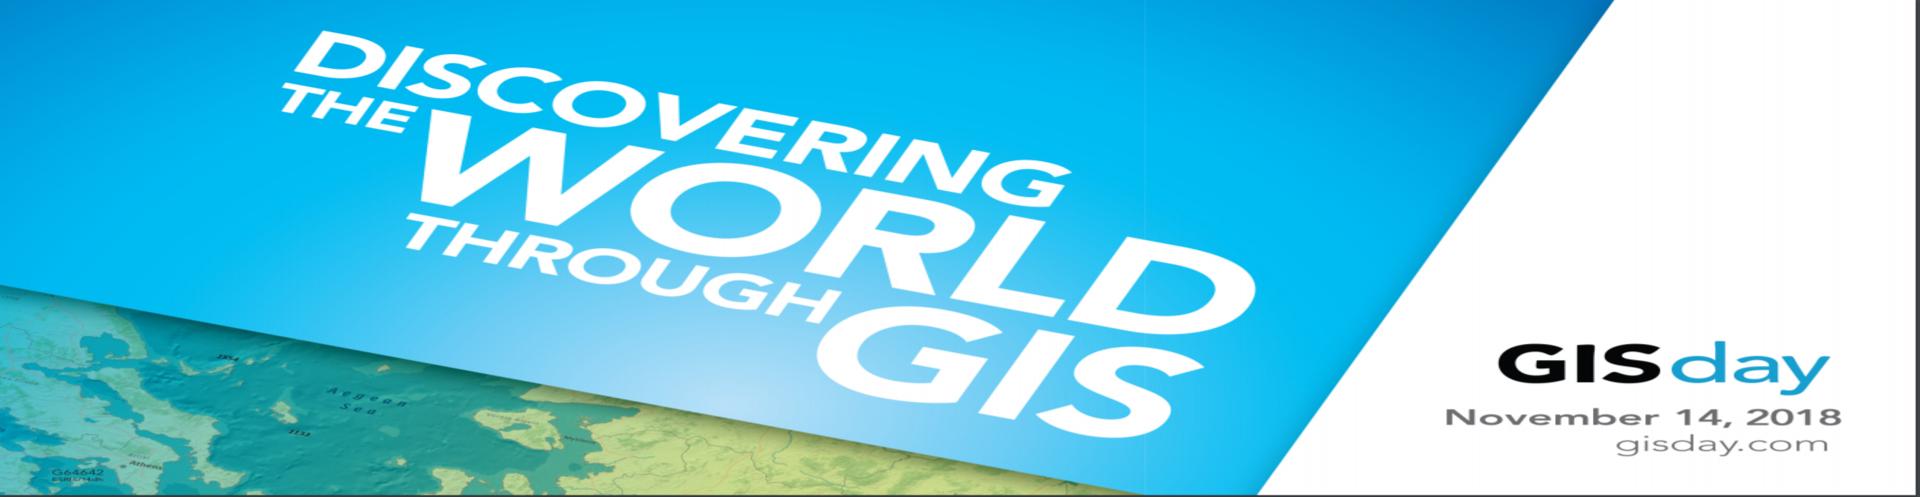 Come Join Us for GIS Night 2018 @ KSU